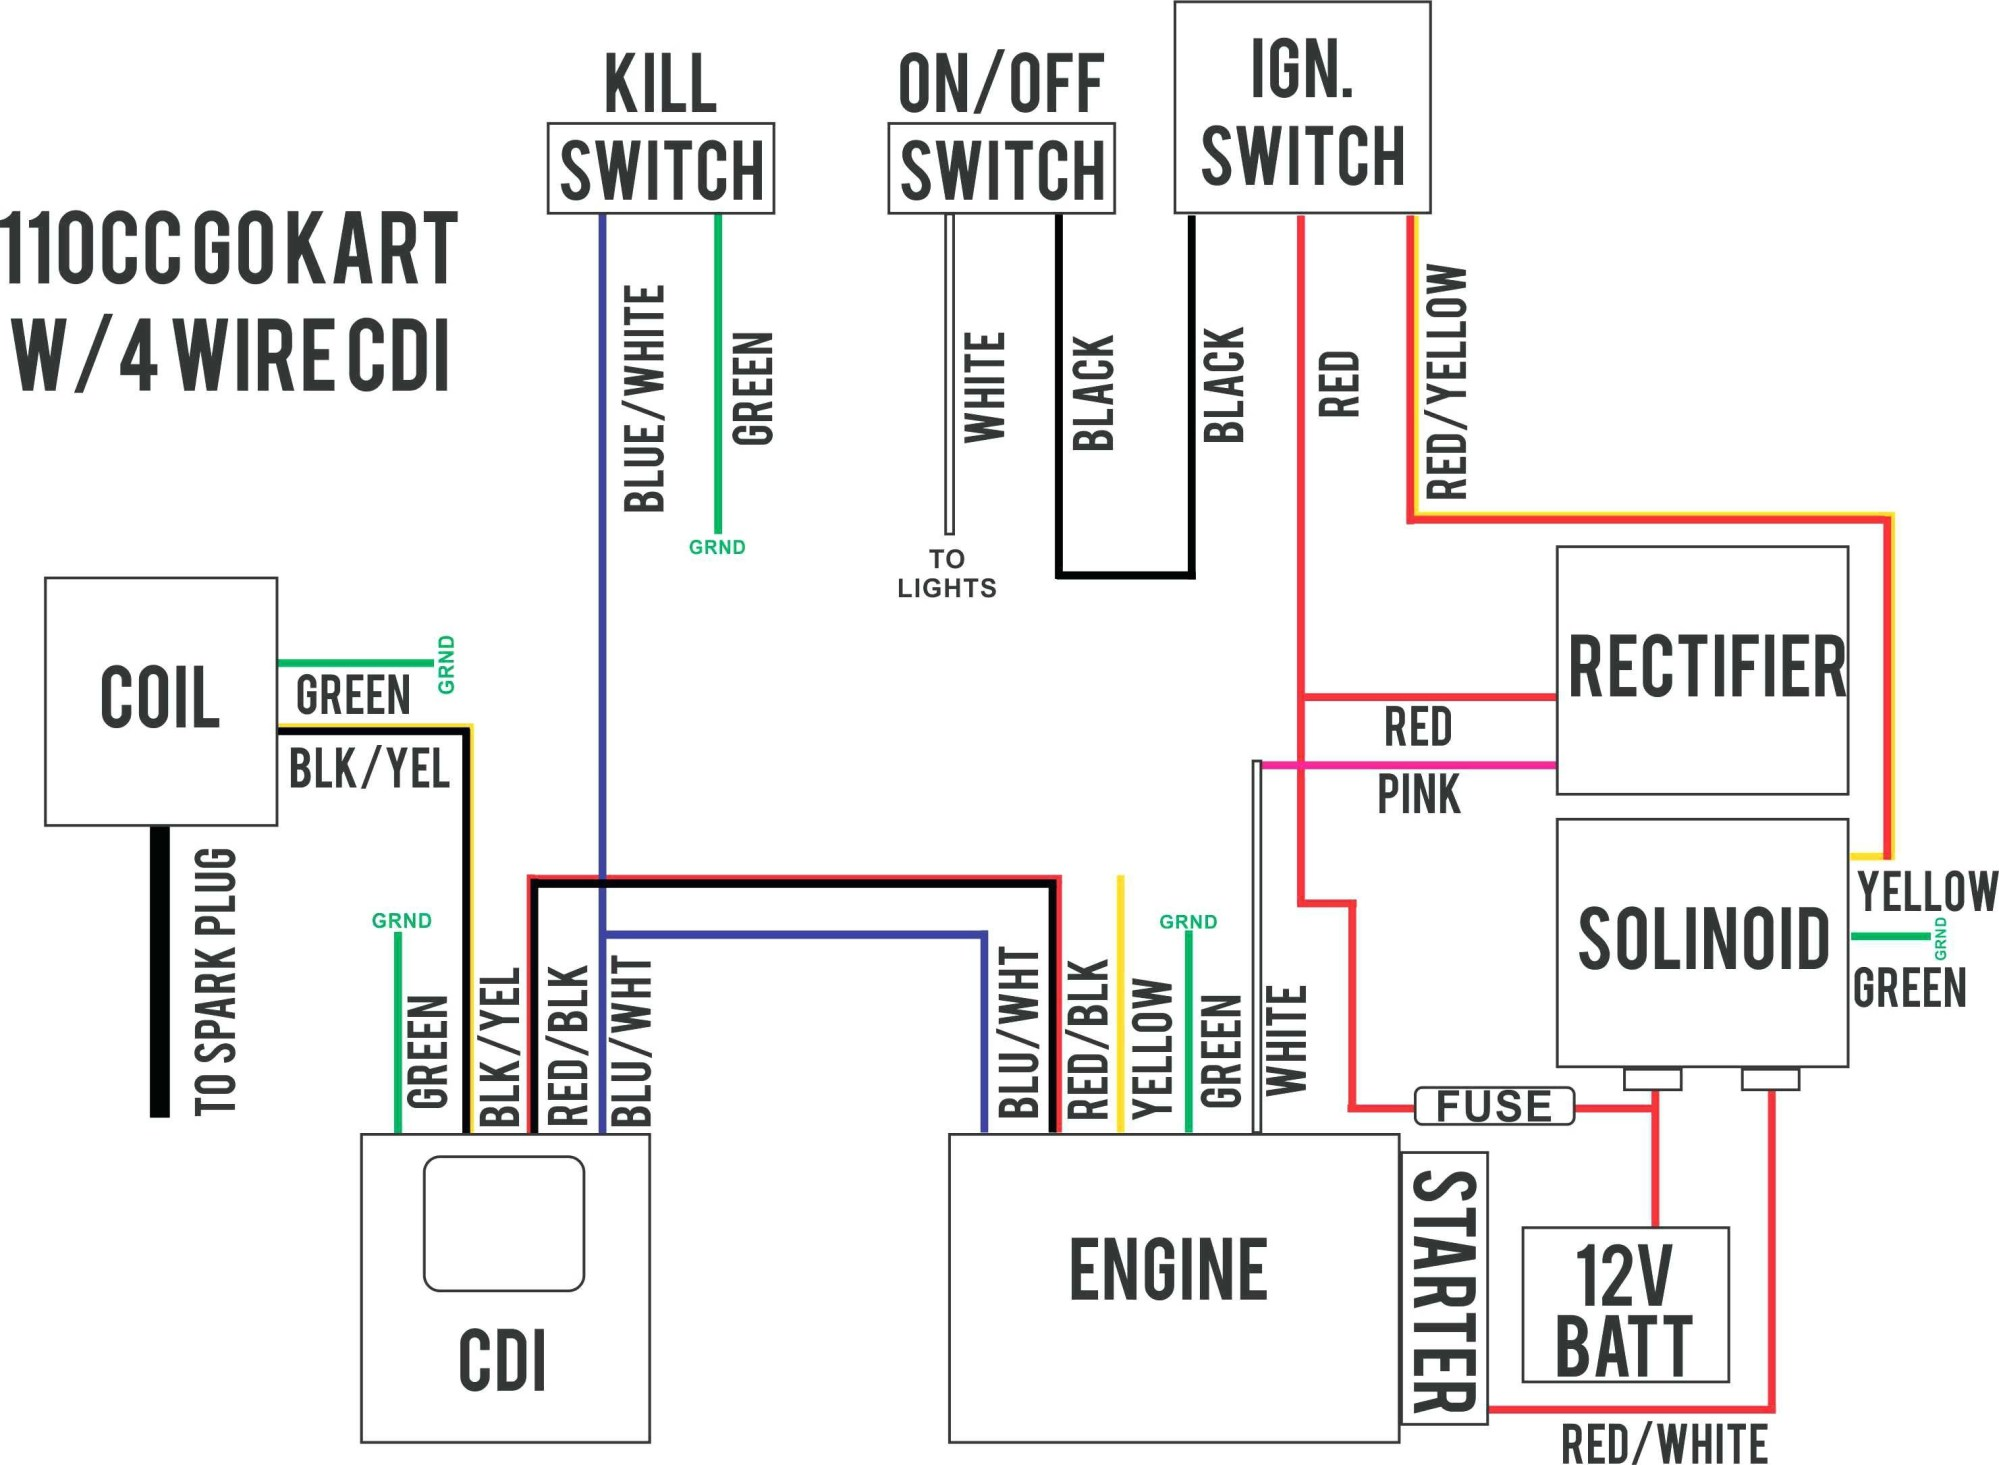 hight resolution of warn rocker switch wiring diagram free download schematics wiring jpg 2962x2171 winch dpdt rocker switch diagram